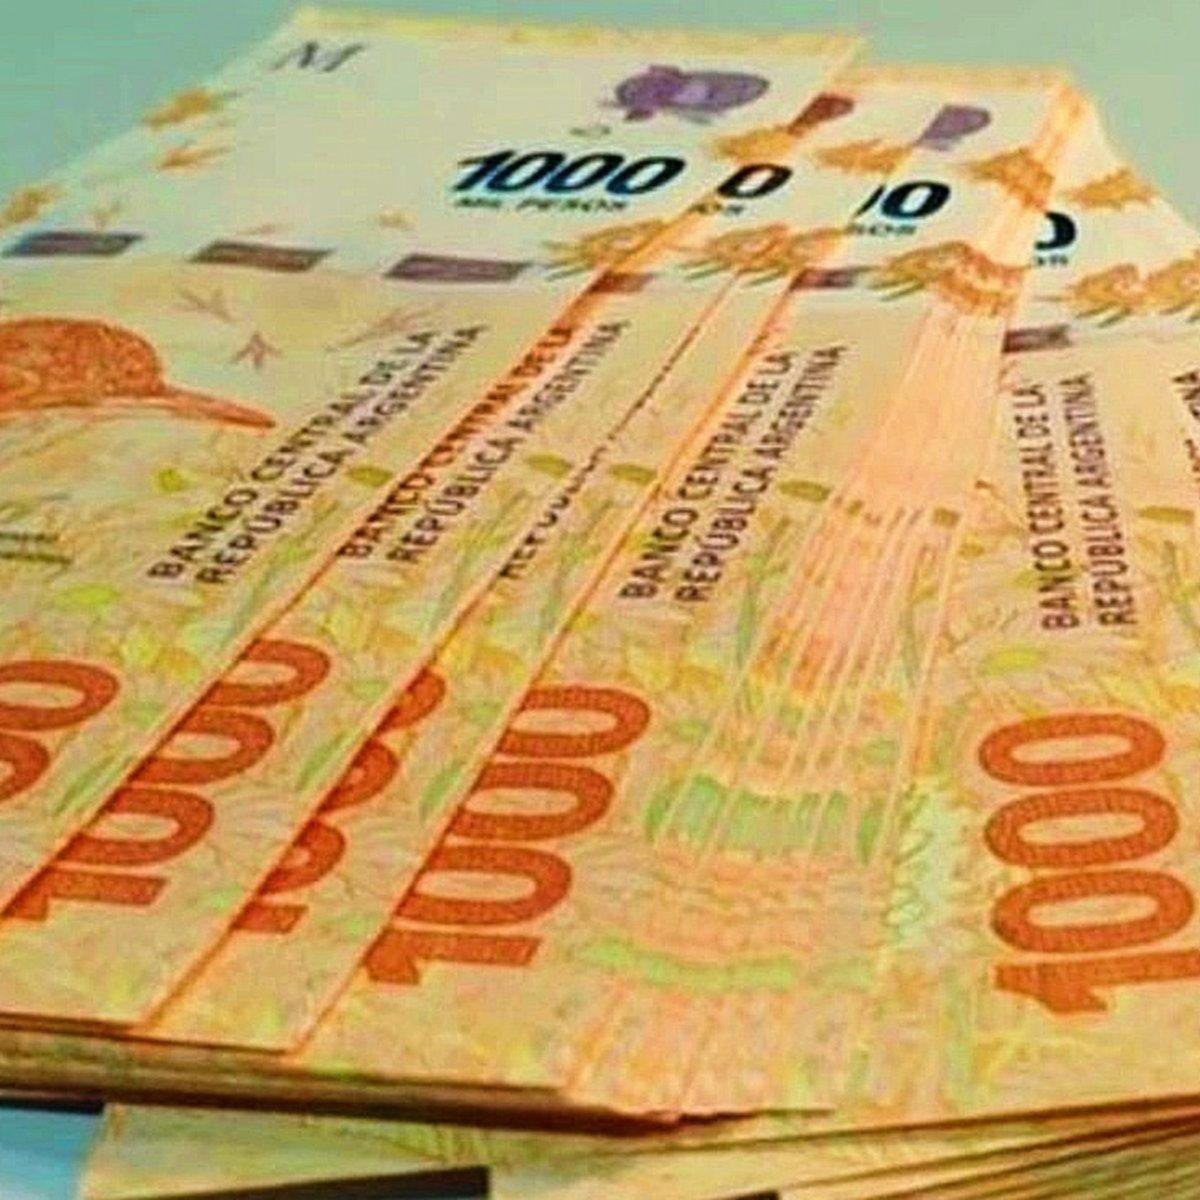 La emisión de billetes de 1000 sigue a toda marcha